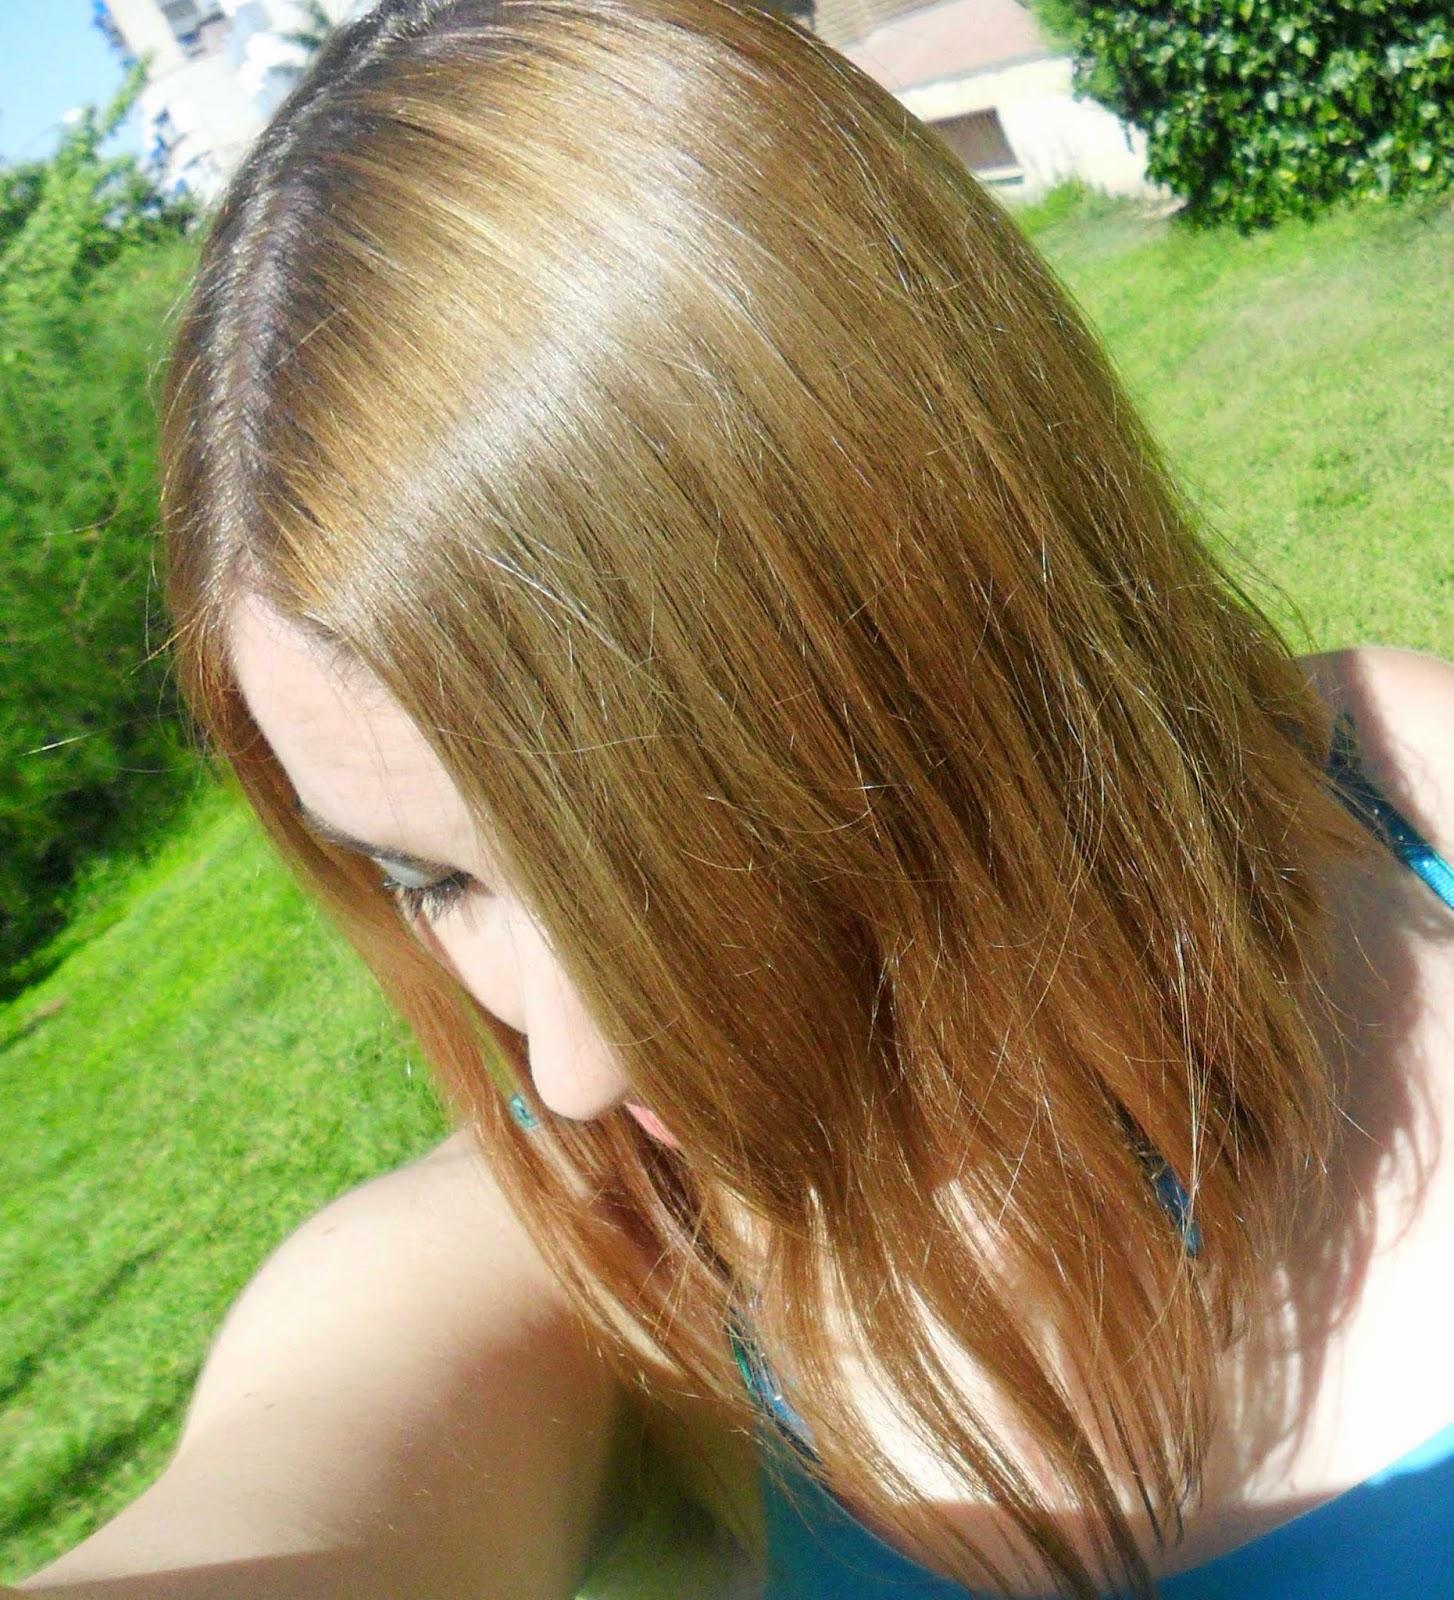 cuarta aplicacion para matizar el cabello rubio